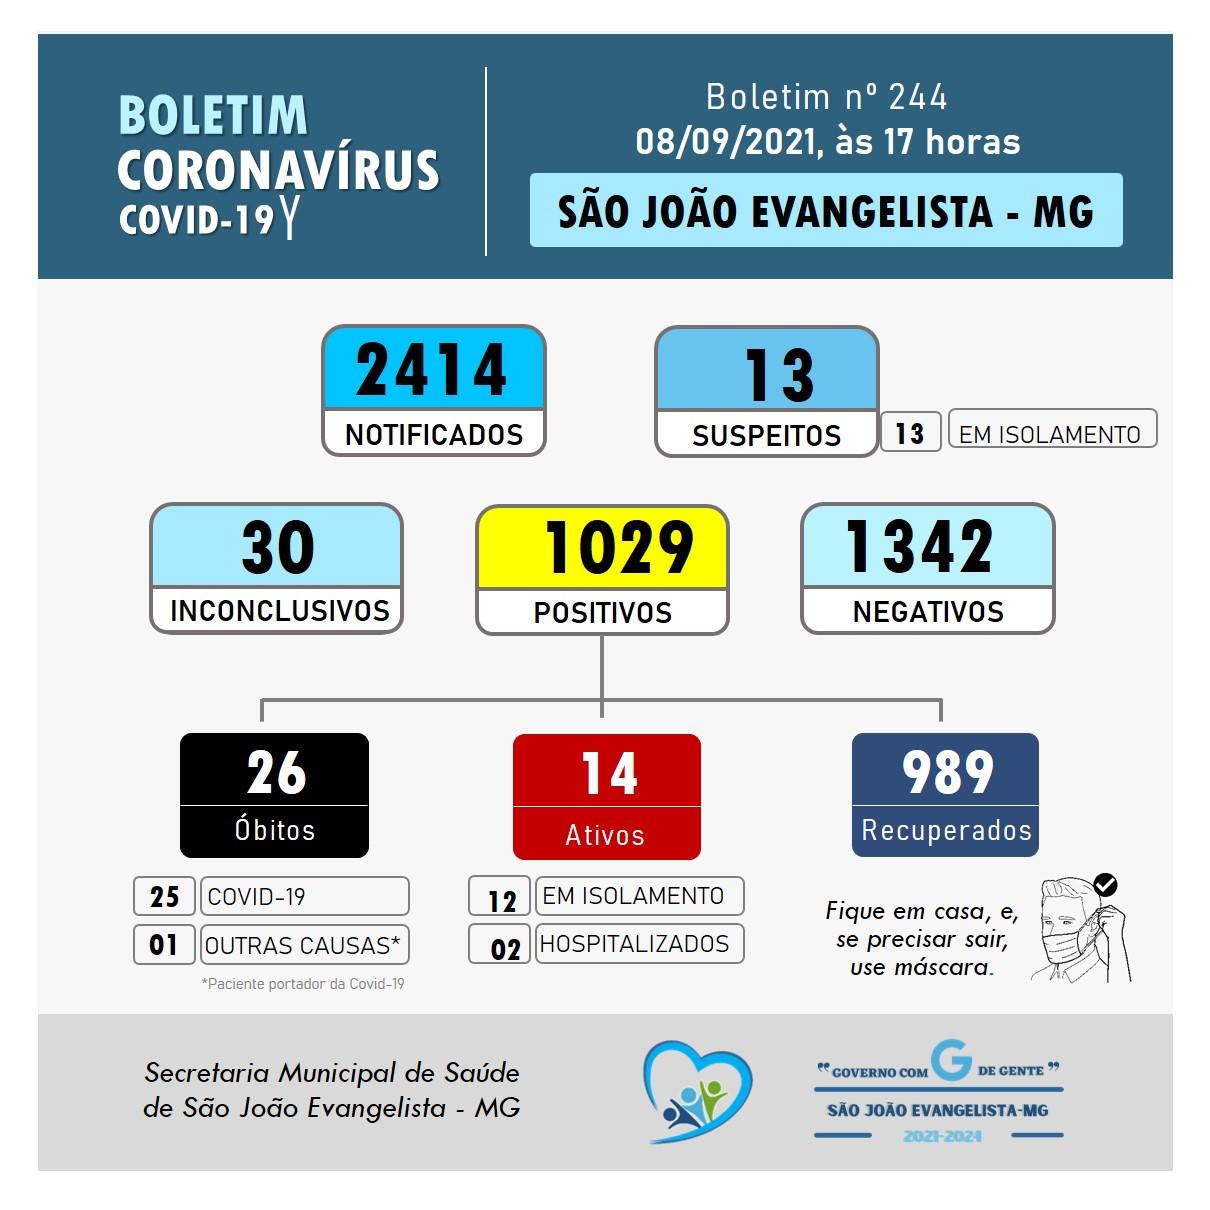 BOLETIM CORONAVÍRUS N° 244 DE 08/09/2021